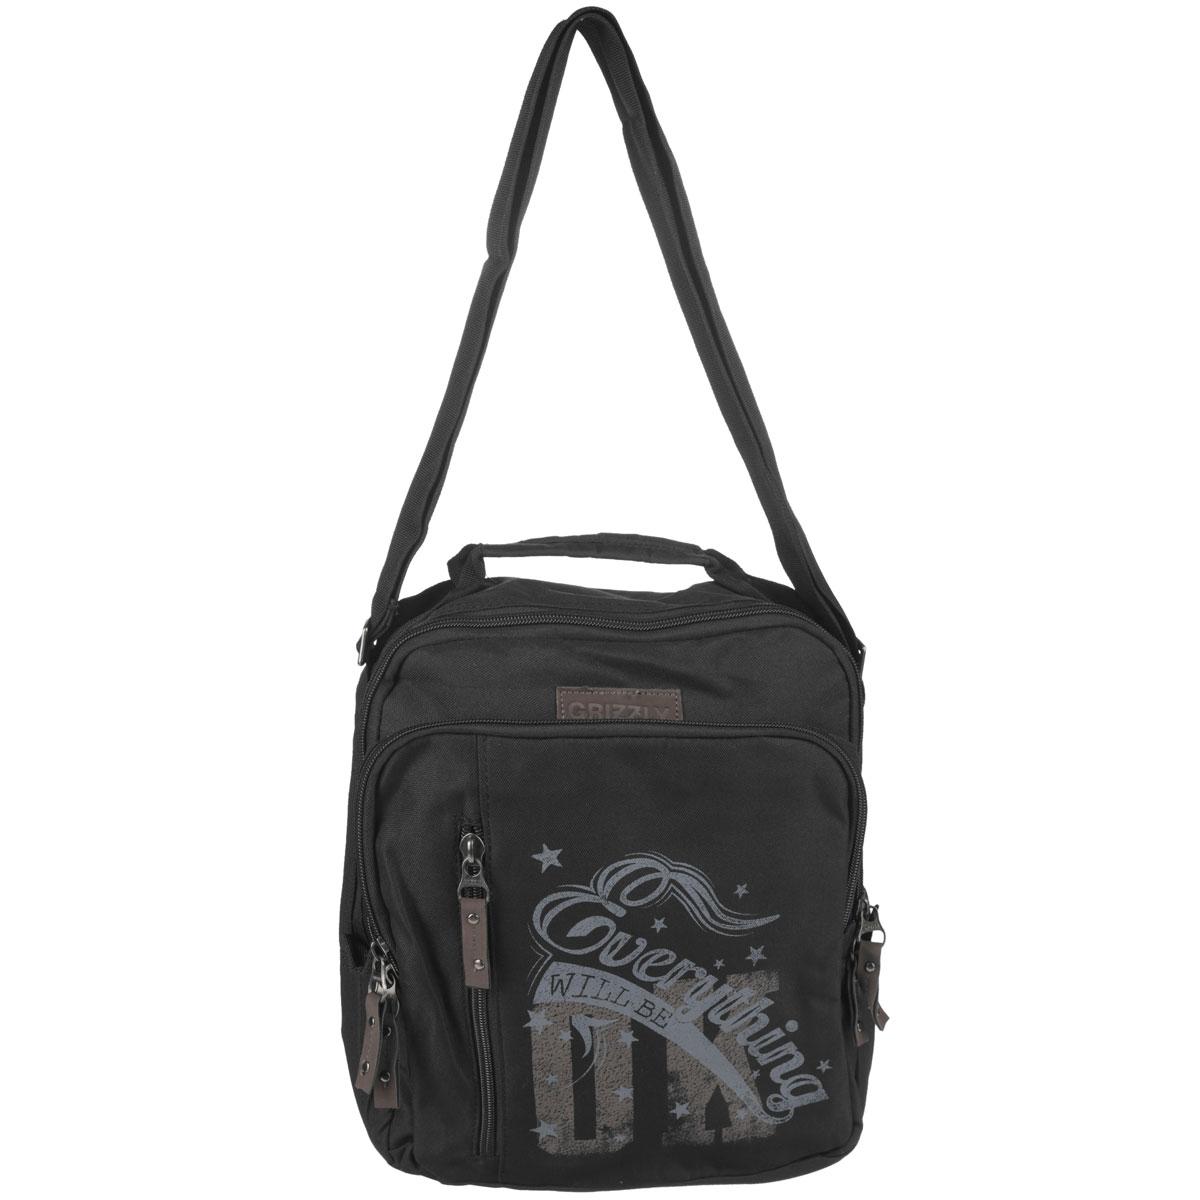 Сумка молодежная Grizzly, цвет: черный. MM-513-372523WDМолодежная сумка с одним отделением на молнии,с передними,задним и внутренним карманами.В переднем кармане имеется карман-органайзер.Сумка имеет укрепленное дно,ручку для переноски и регулируемый ремень.